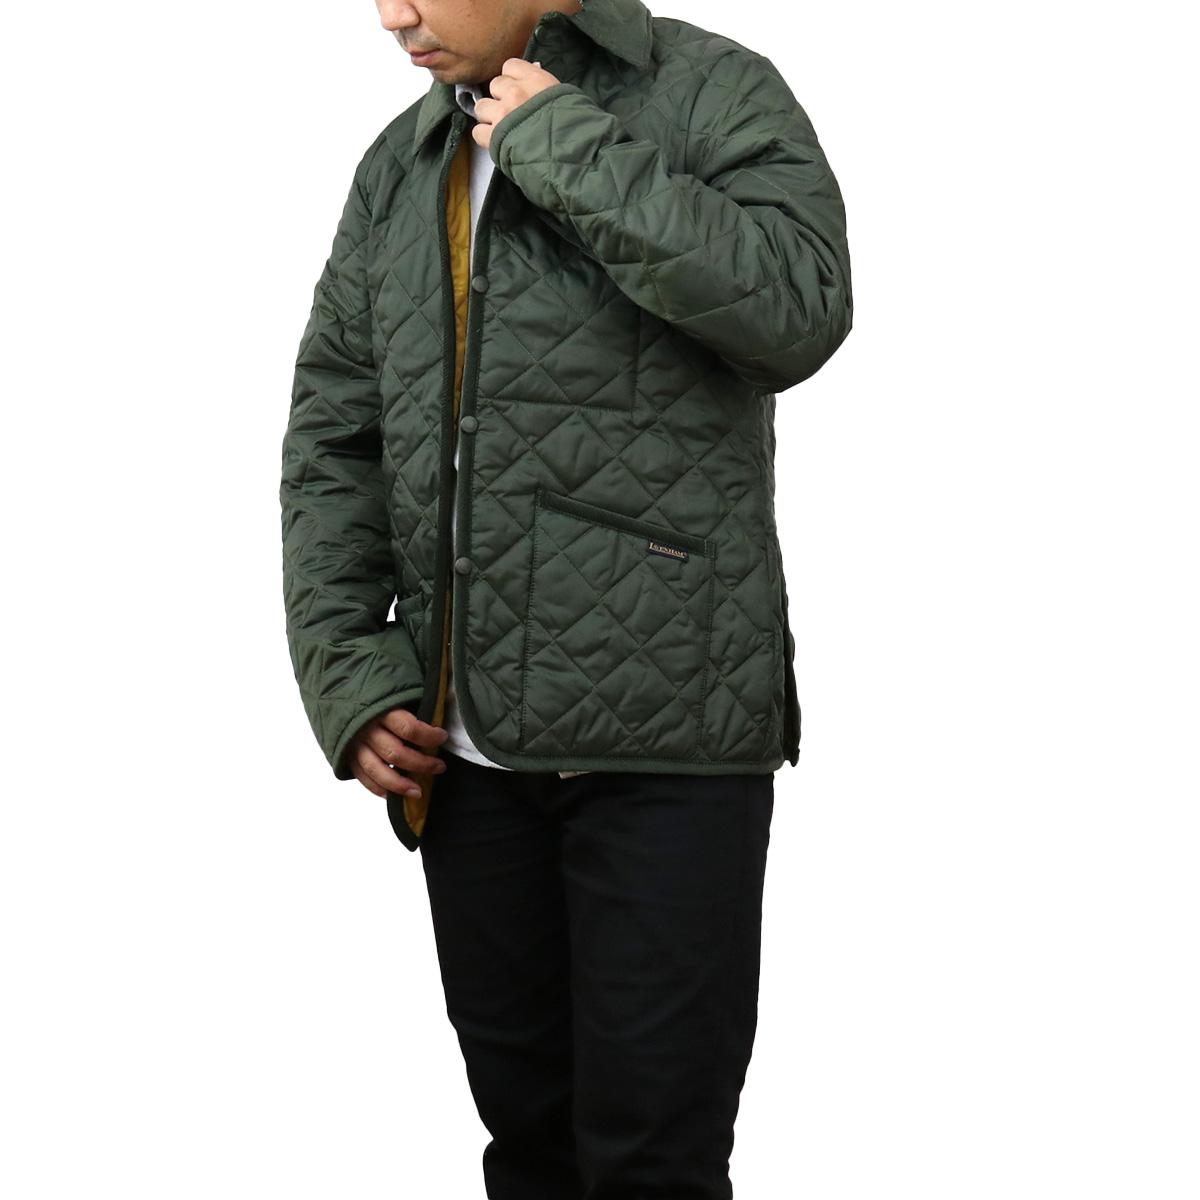 ラベンハム LAVENHAM ラブンスター レイドン メンズ キルティングジャケット RAYDON-M 2018 0046/9902 OLIVE GREEN カーキ メンズ